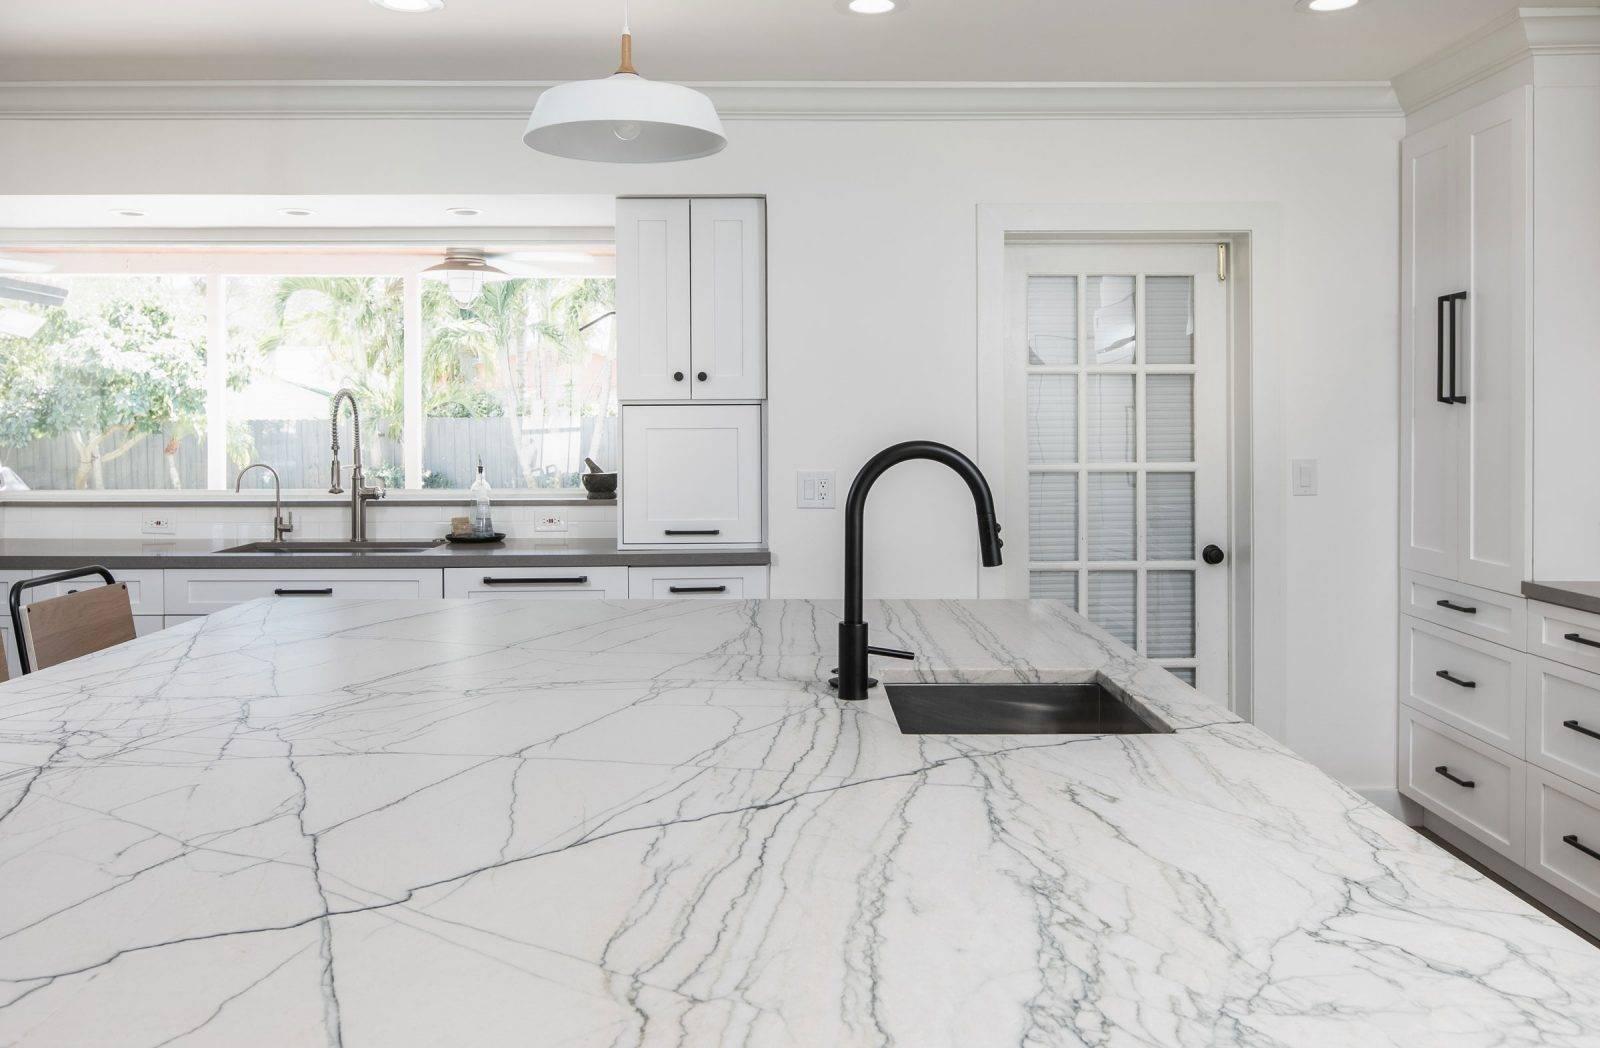 Copy Of IMGM7469 Edit Edit, Primestones® Granite, Quartz, Marble